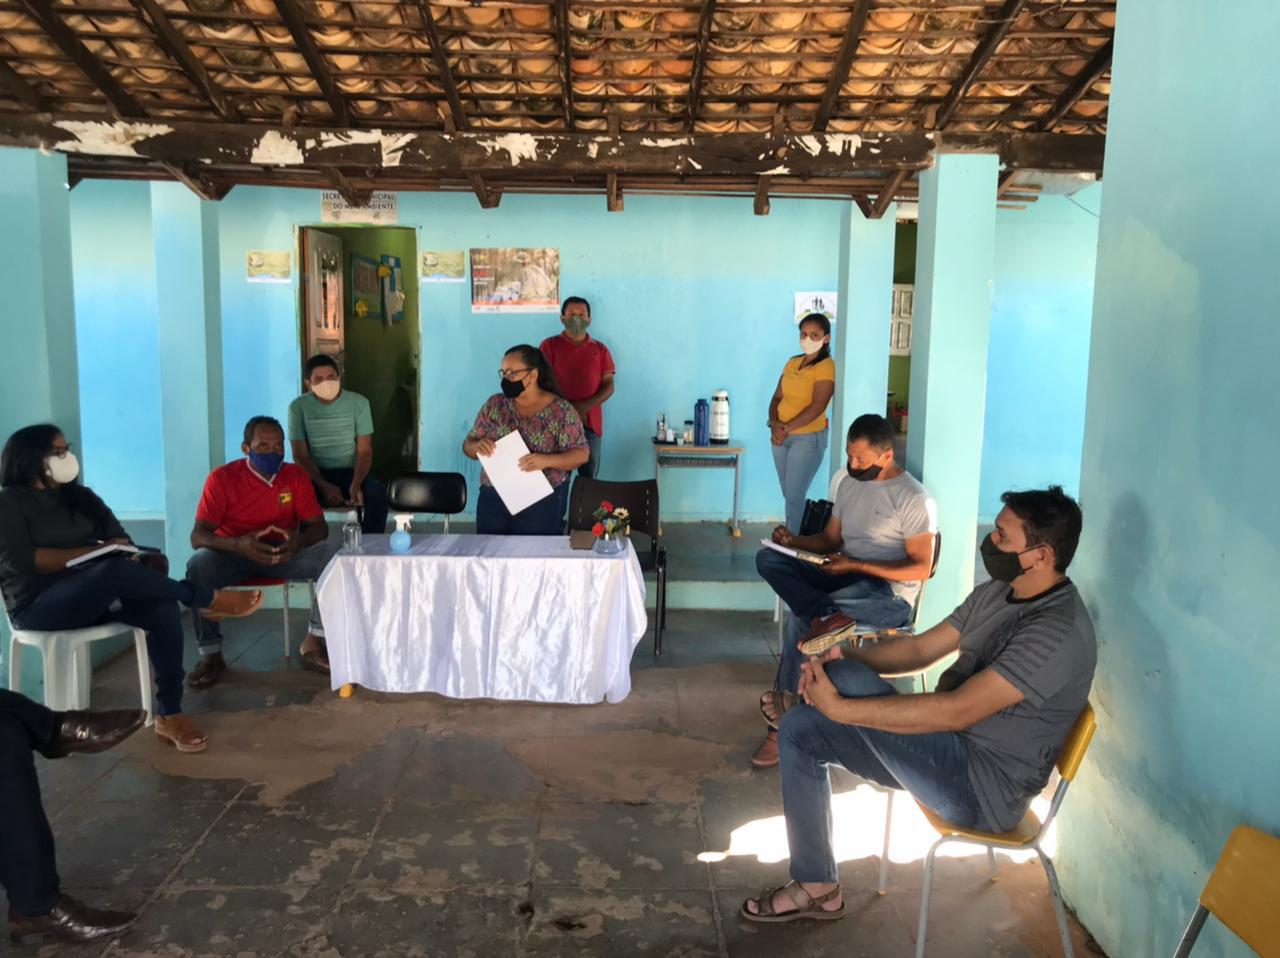 Secretaria realiza reunião para renovar Conselho Municipal em Manoel Emídio - Imagem 3